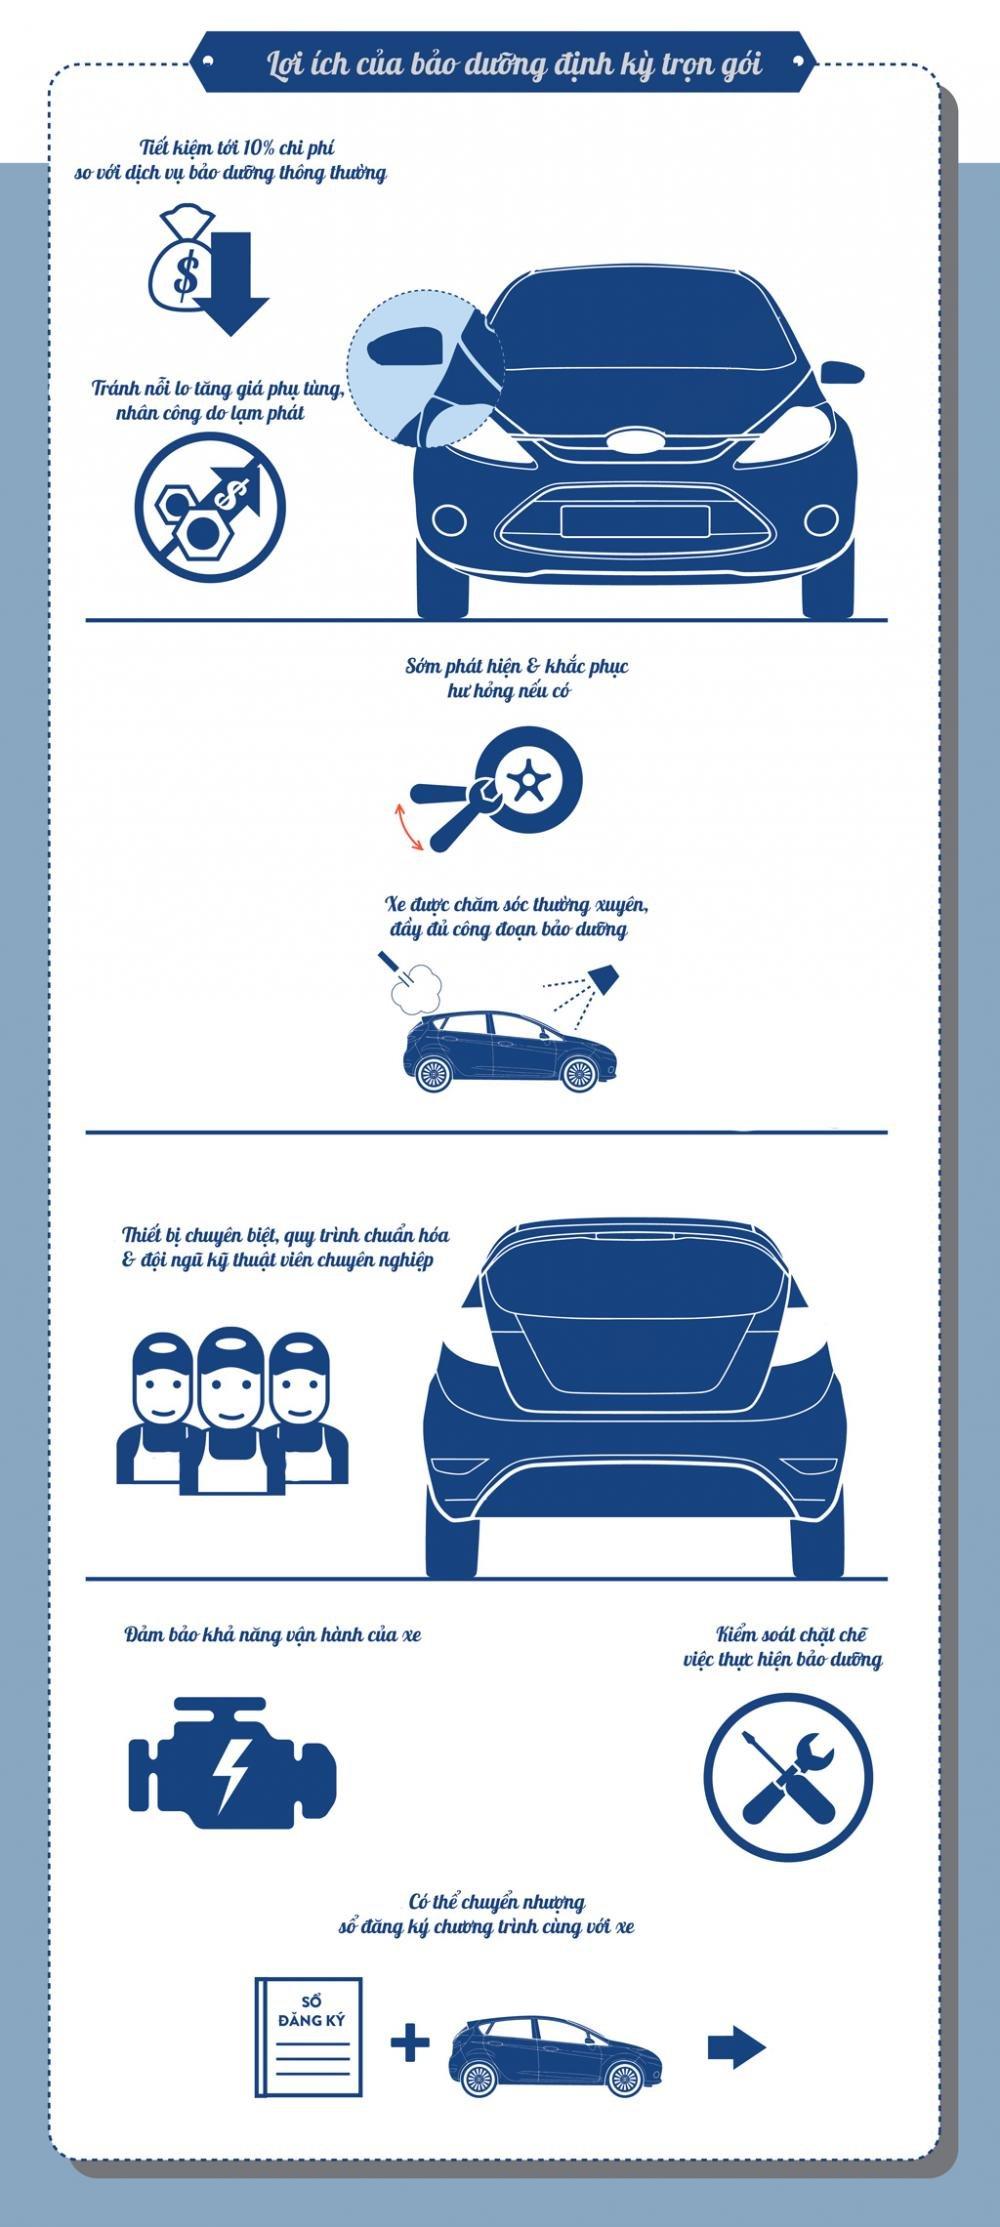 Hướng dẫn cách sử dụng xe hơi sao cho bền 2